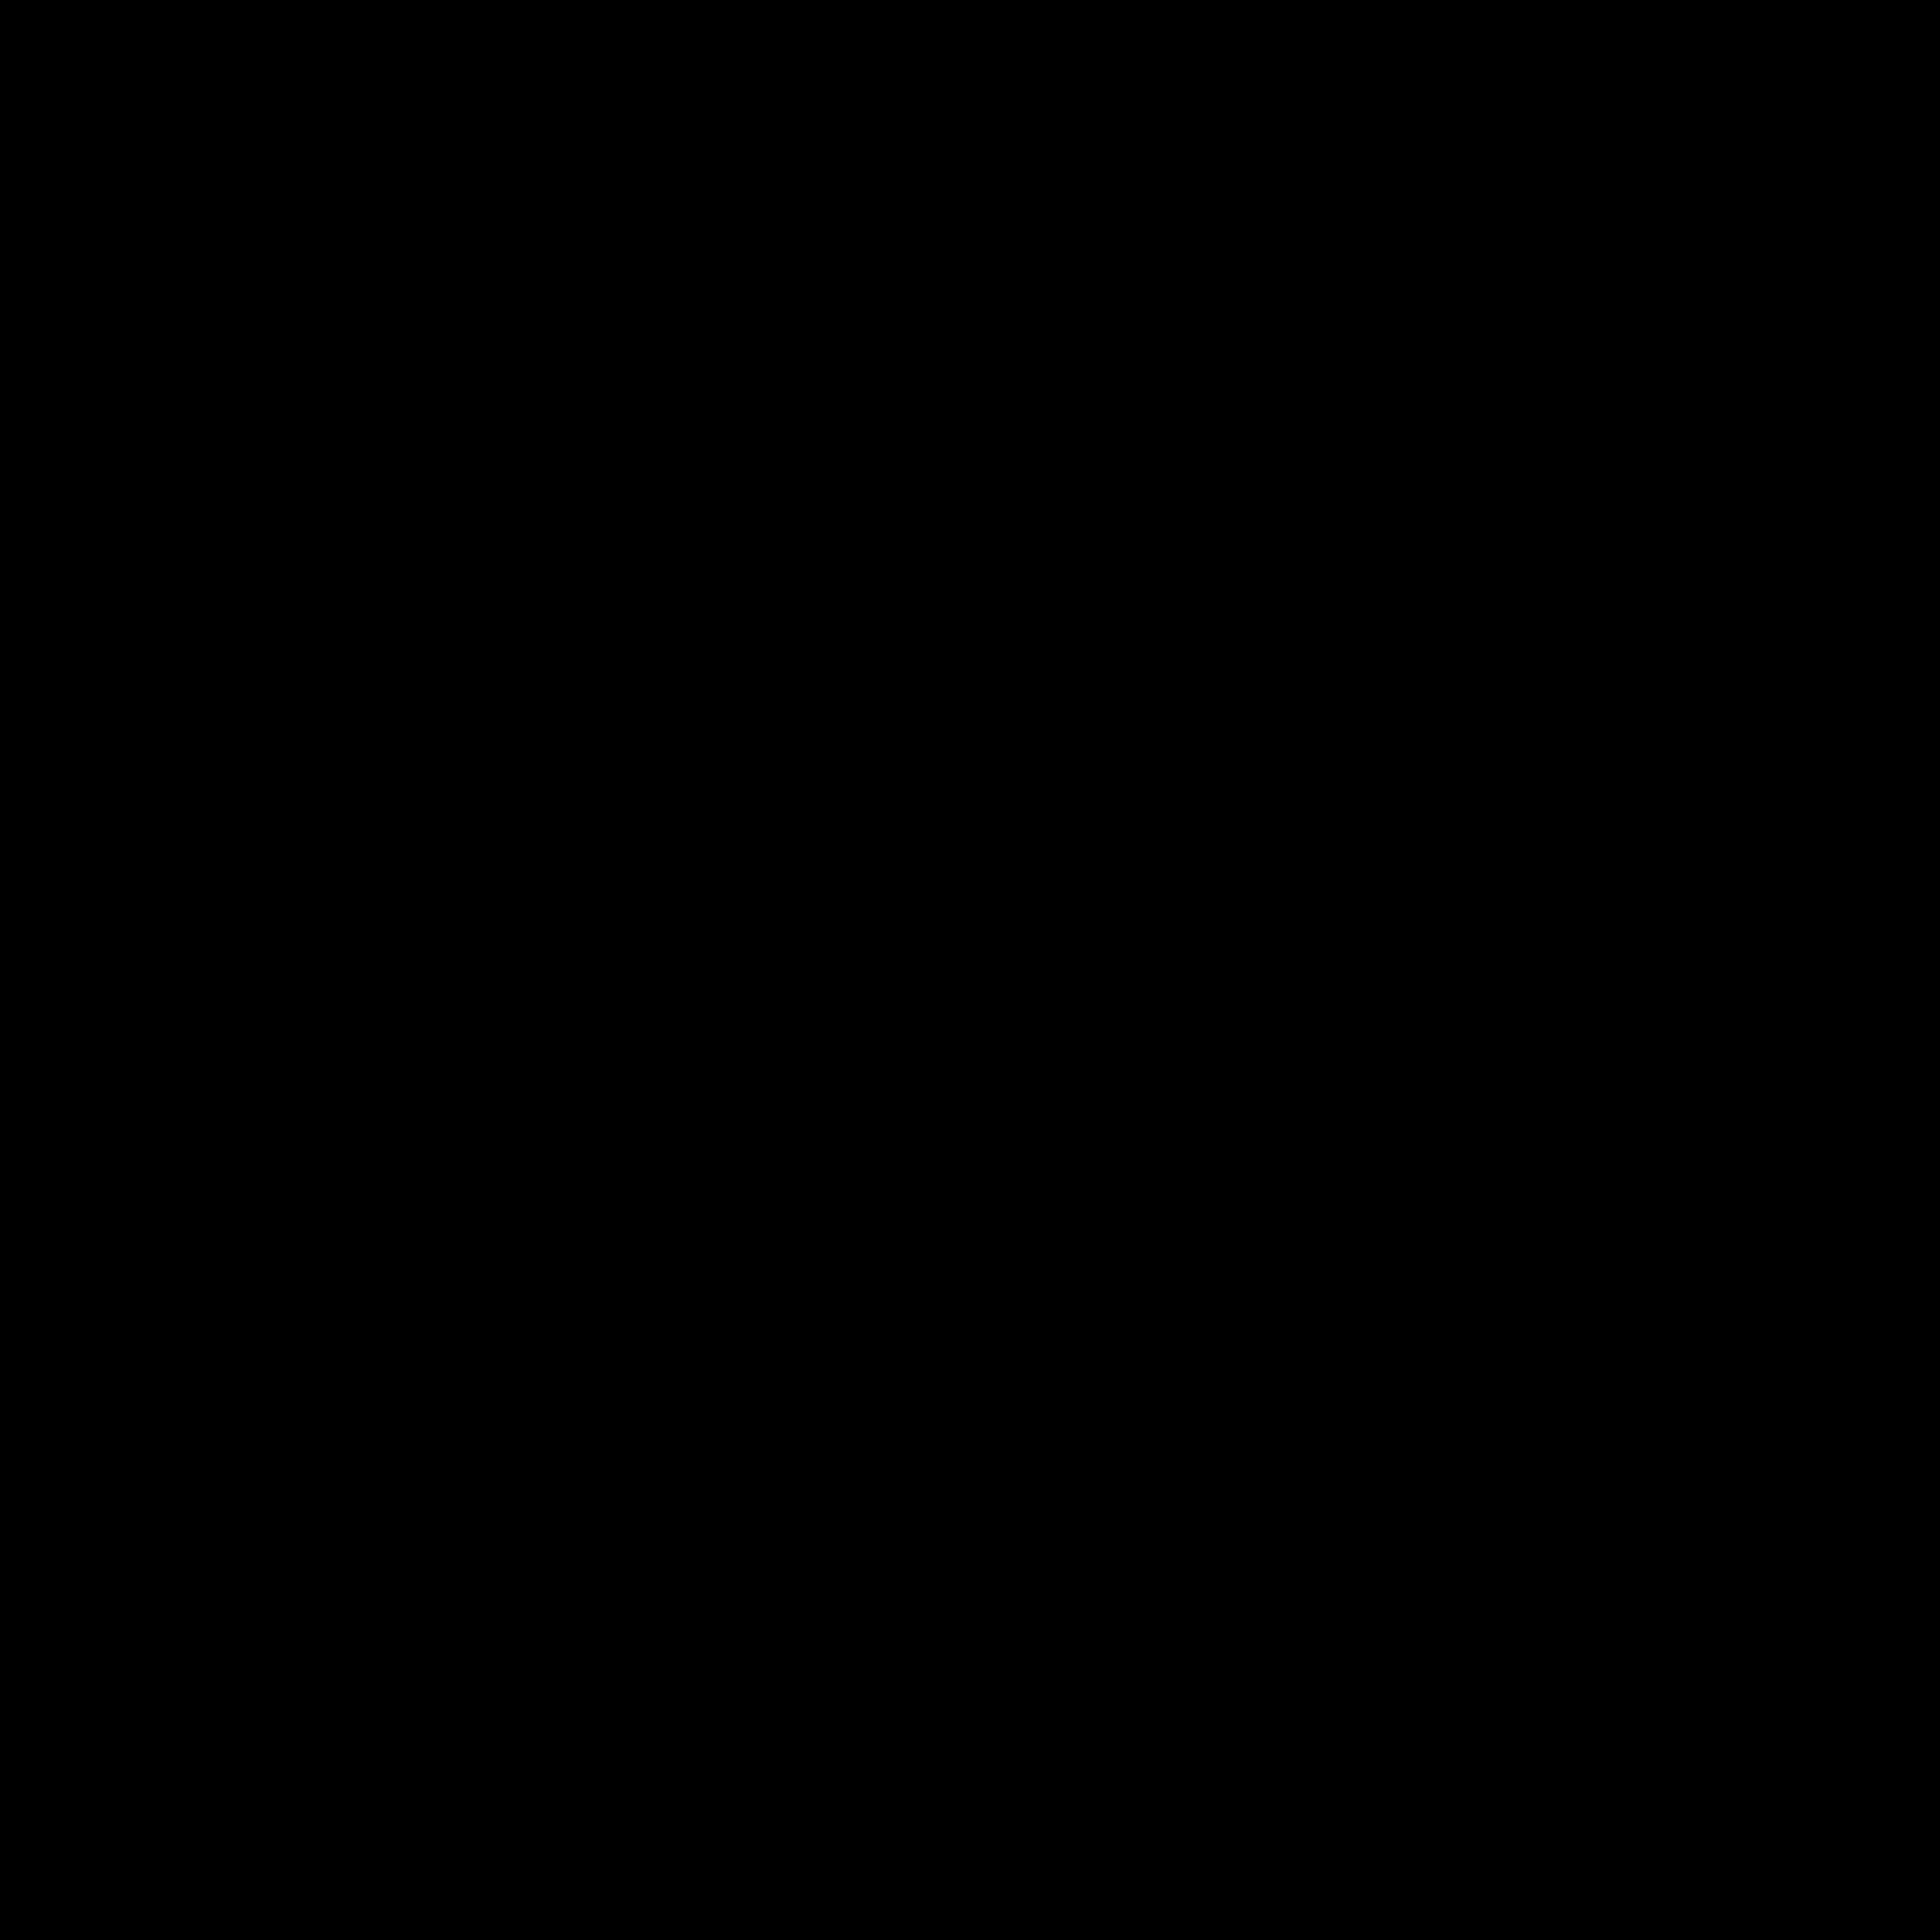 maryan-mehlhorn-logo-png-transparent